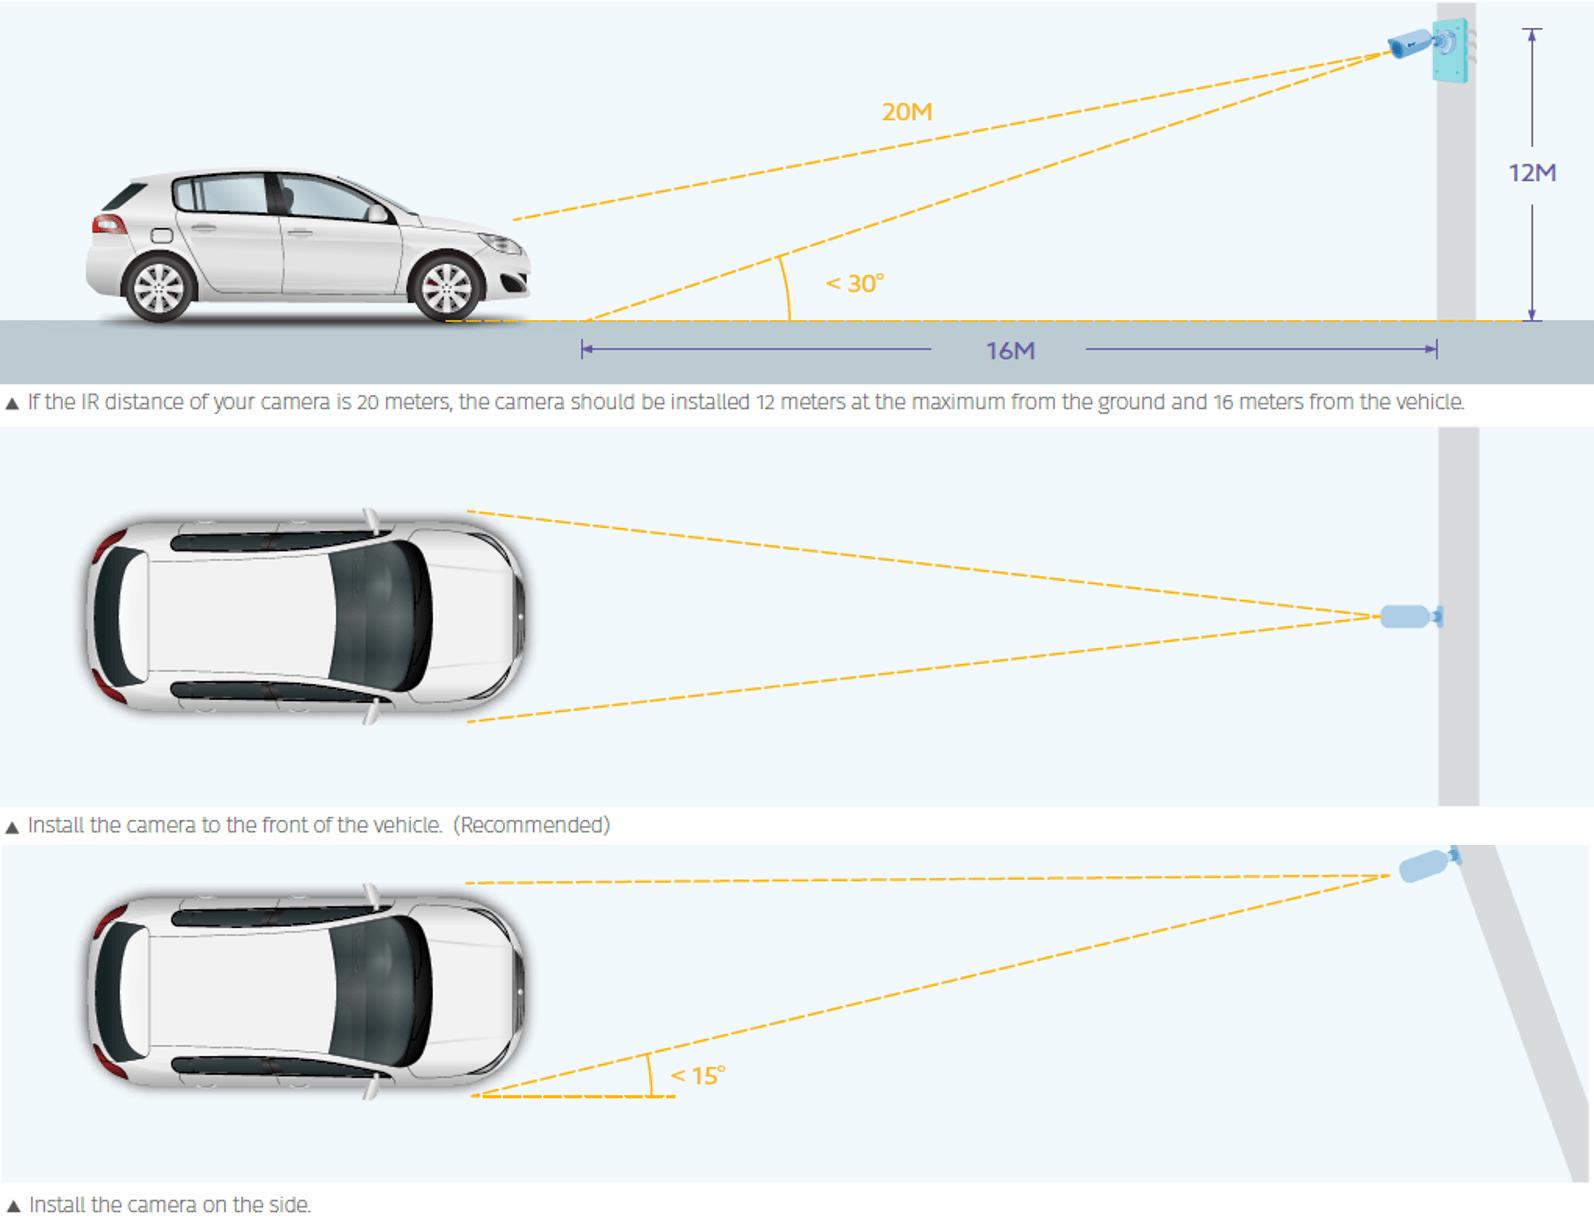 Cách lắp đặt Camera nhận dạng biển số xe LPR1200 - SmartRetail